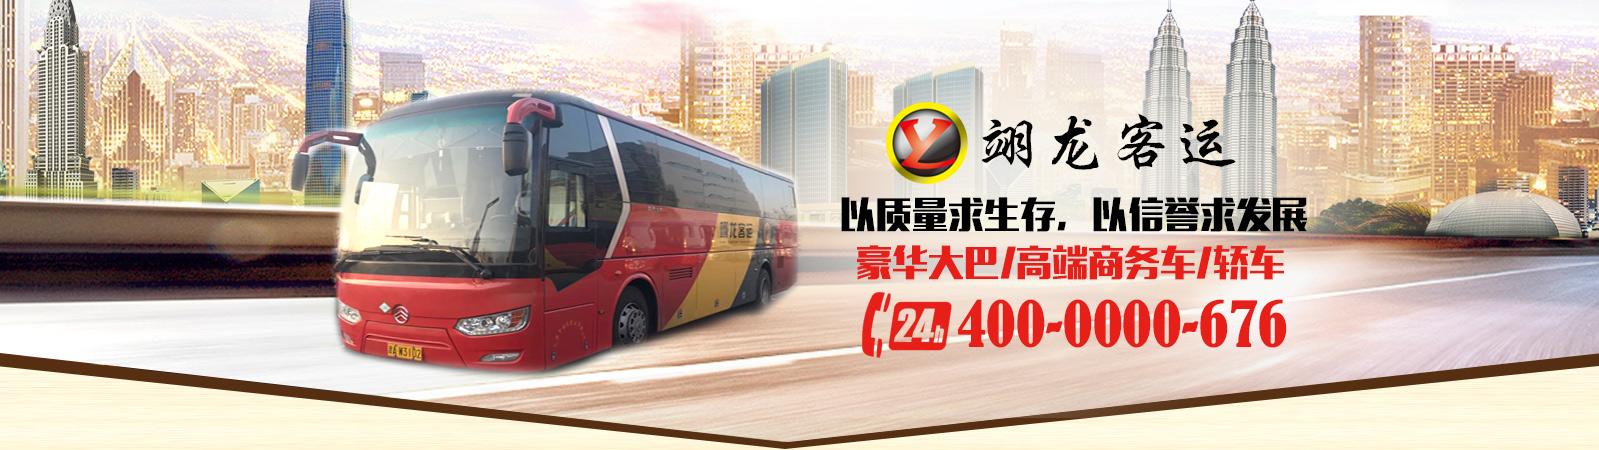 天津包车公司价格_租商务